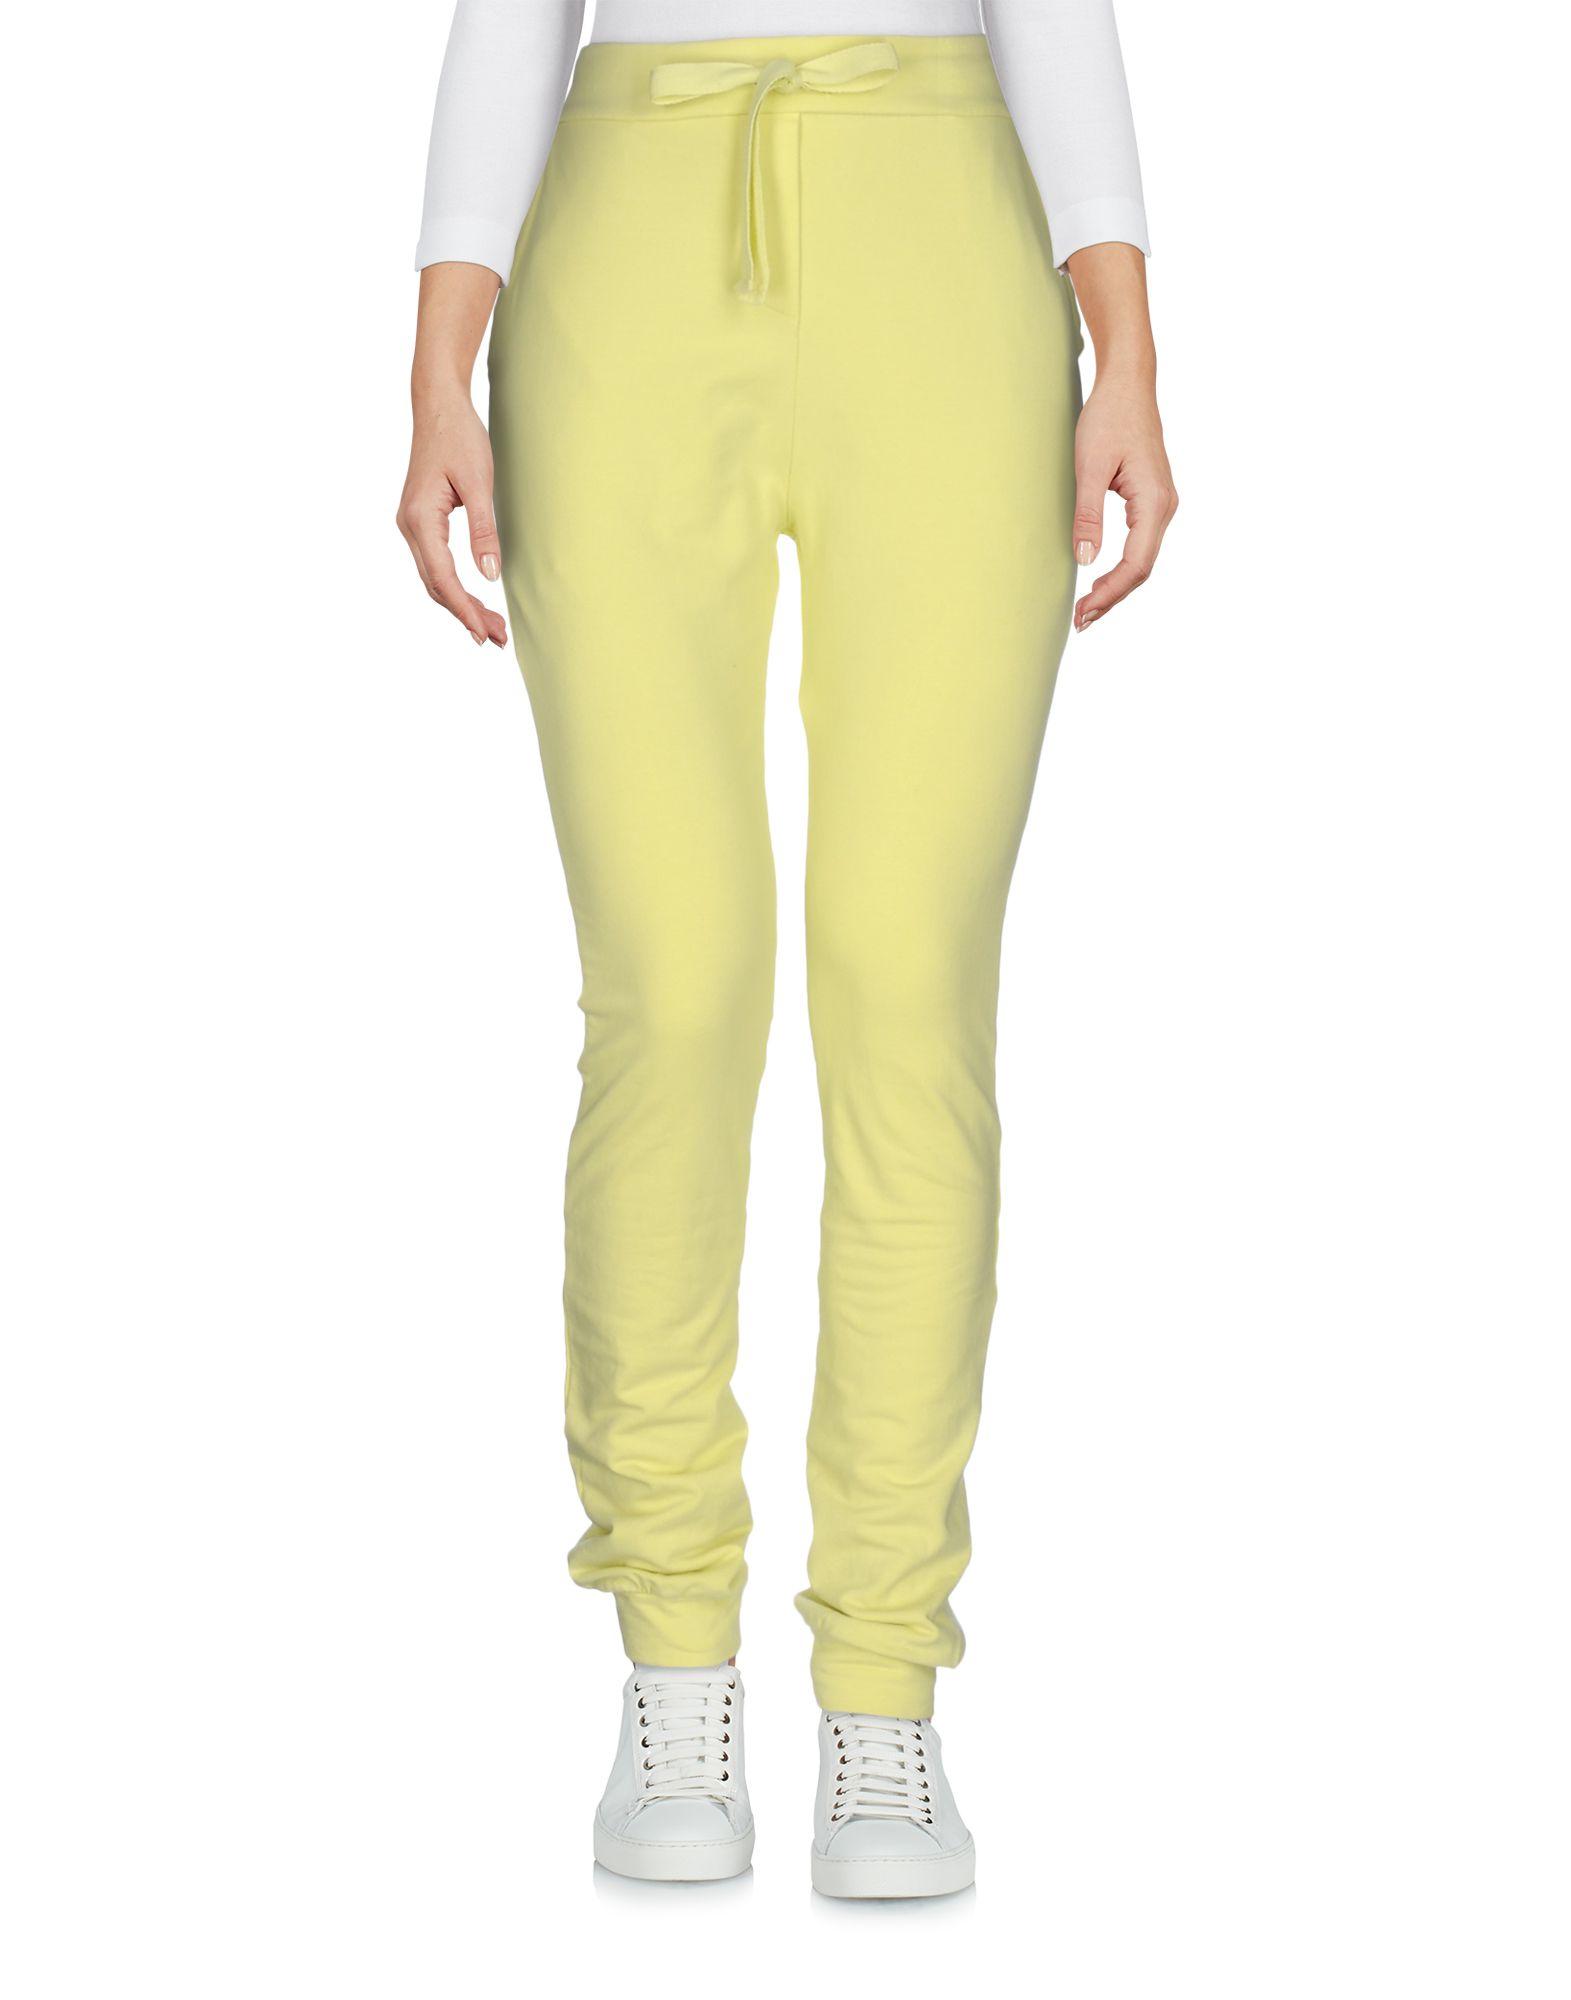 Pantalone B.Yu donna donna - 13067960LP  Sparen Sie 30-50%!